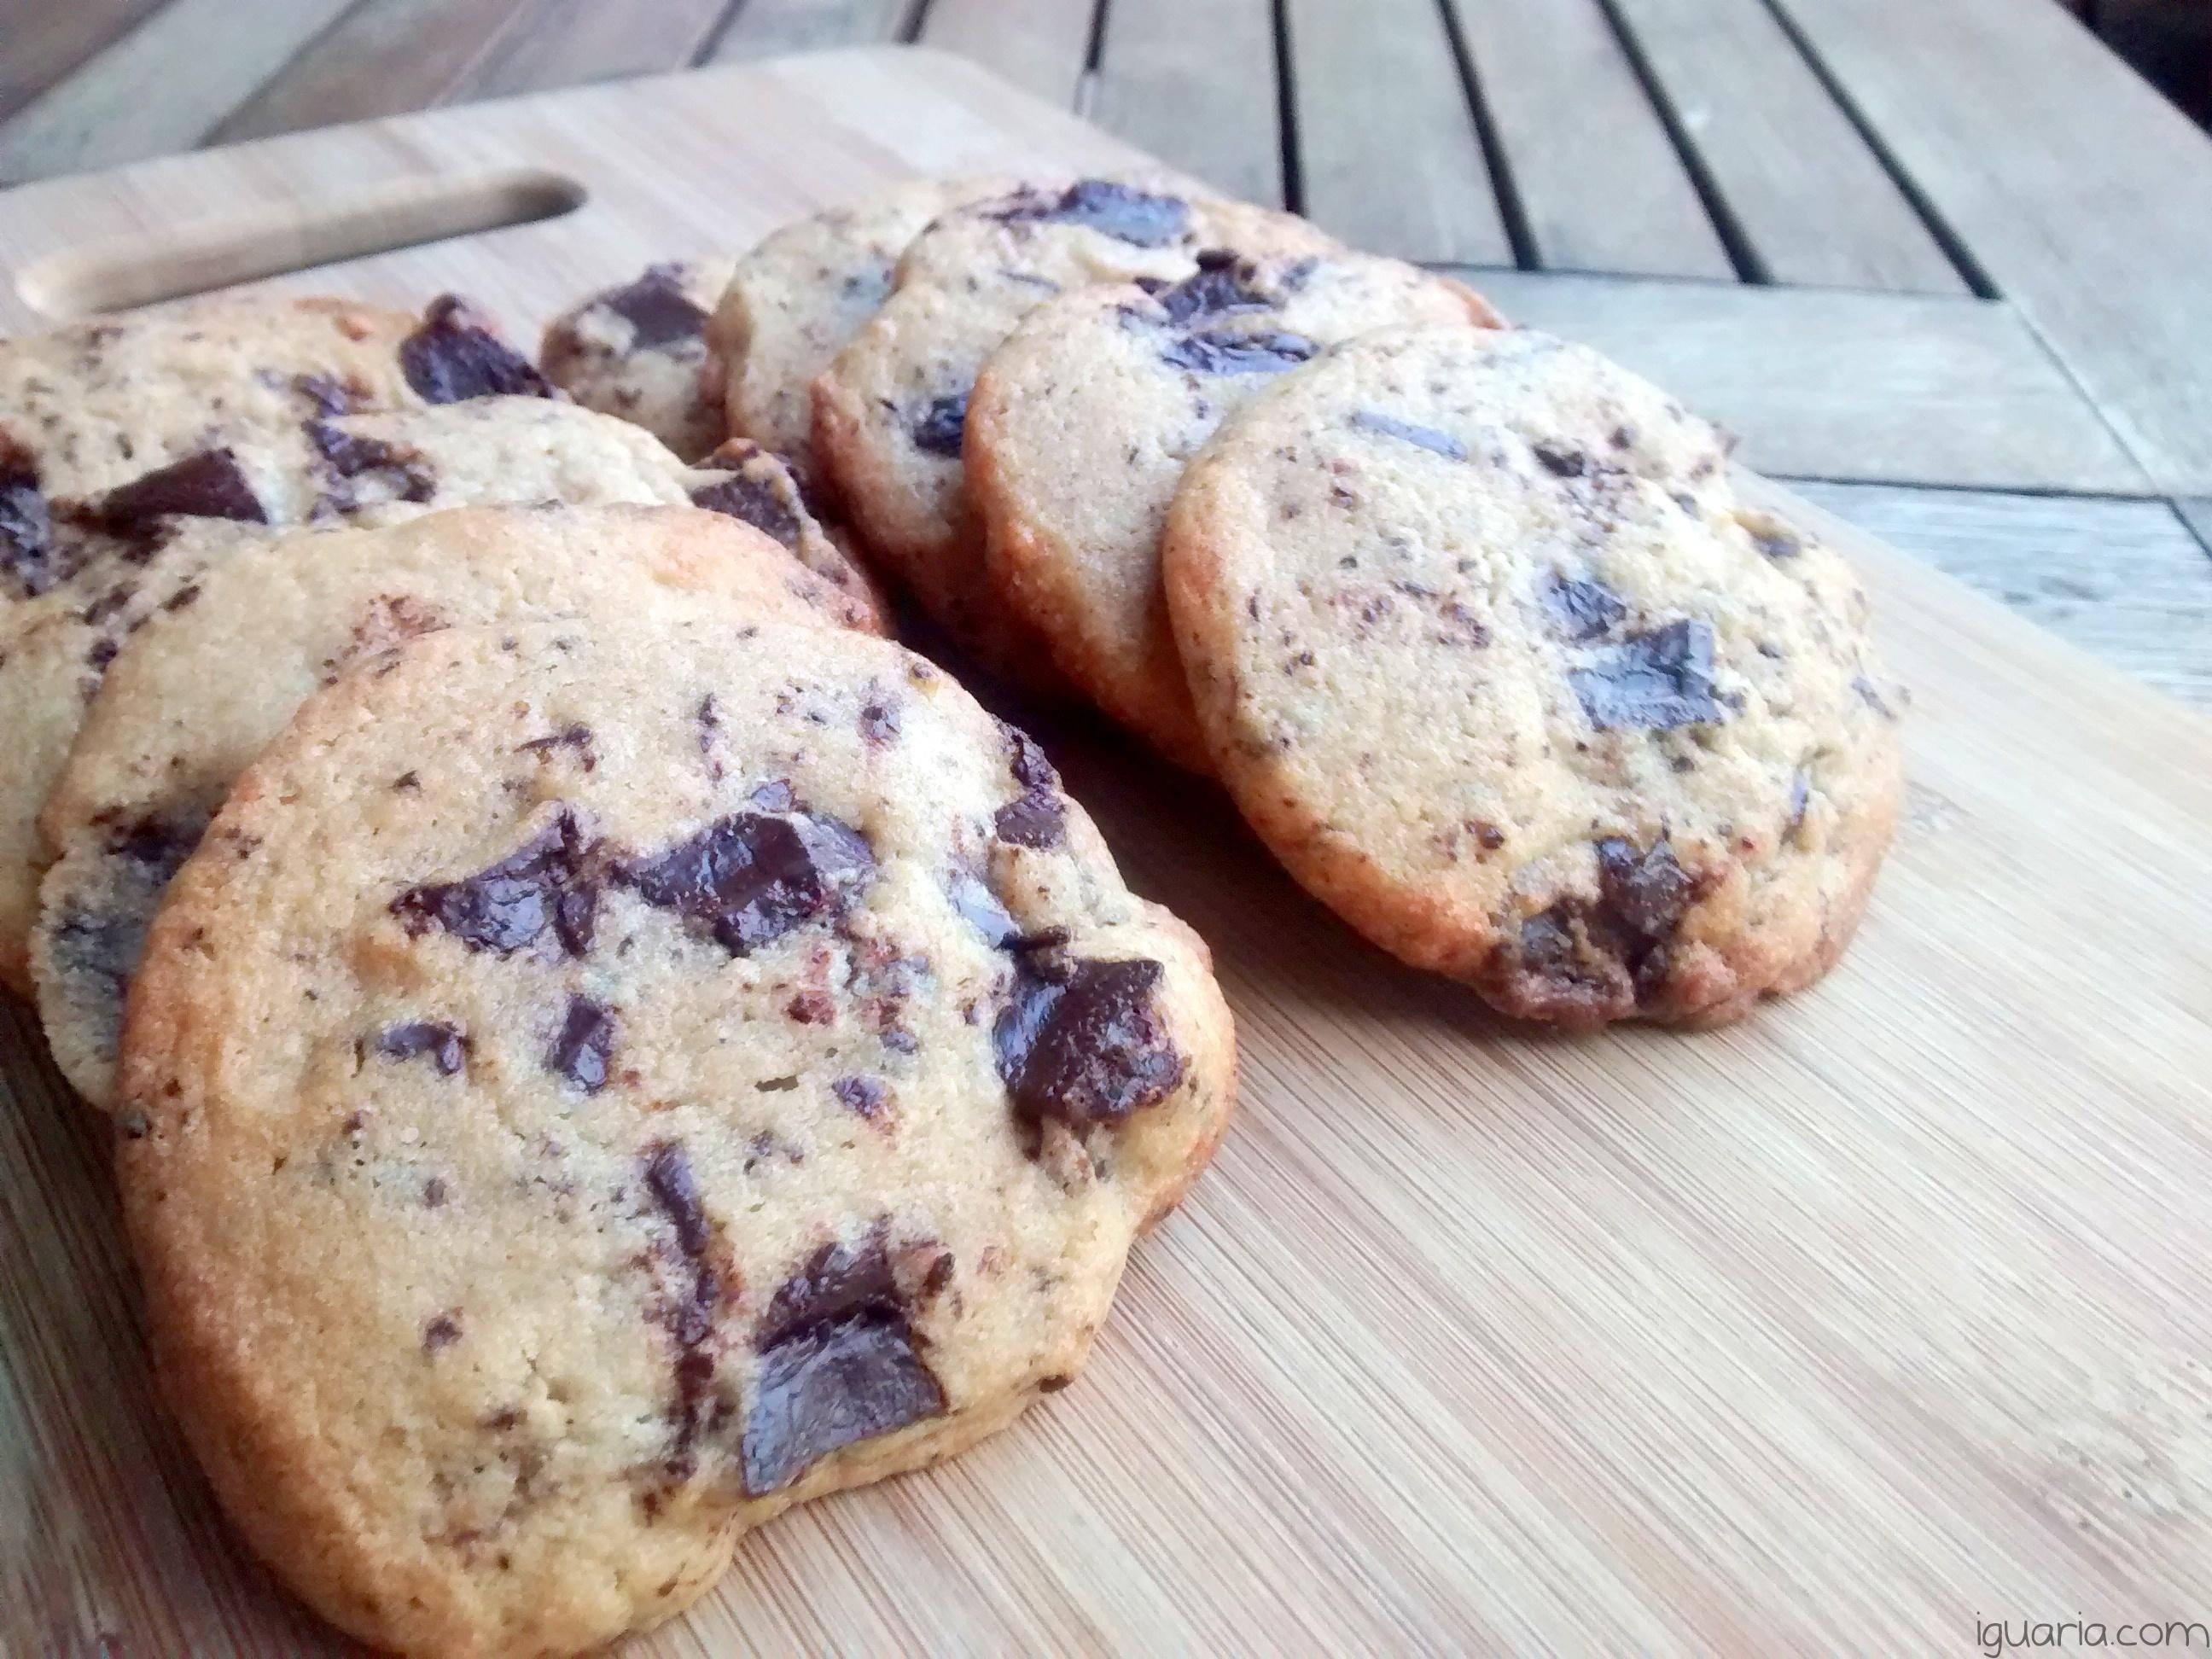 iguaria_biscoitos-rusticos-manteiga-amendoim